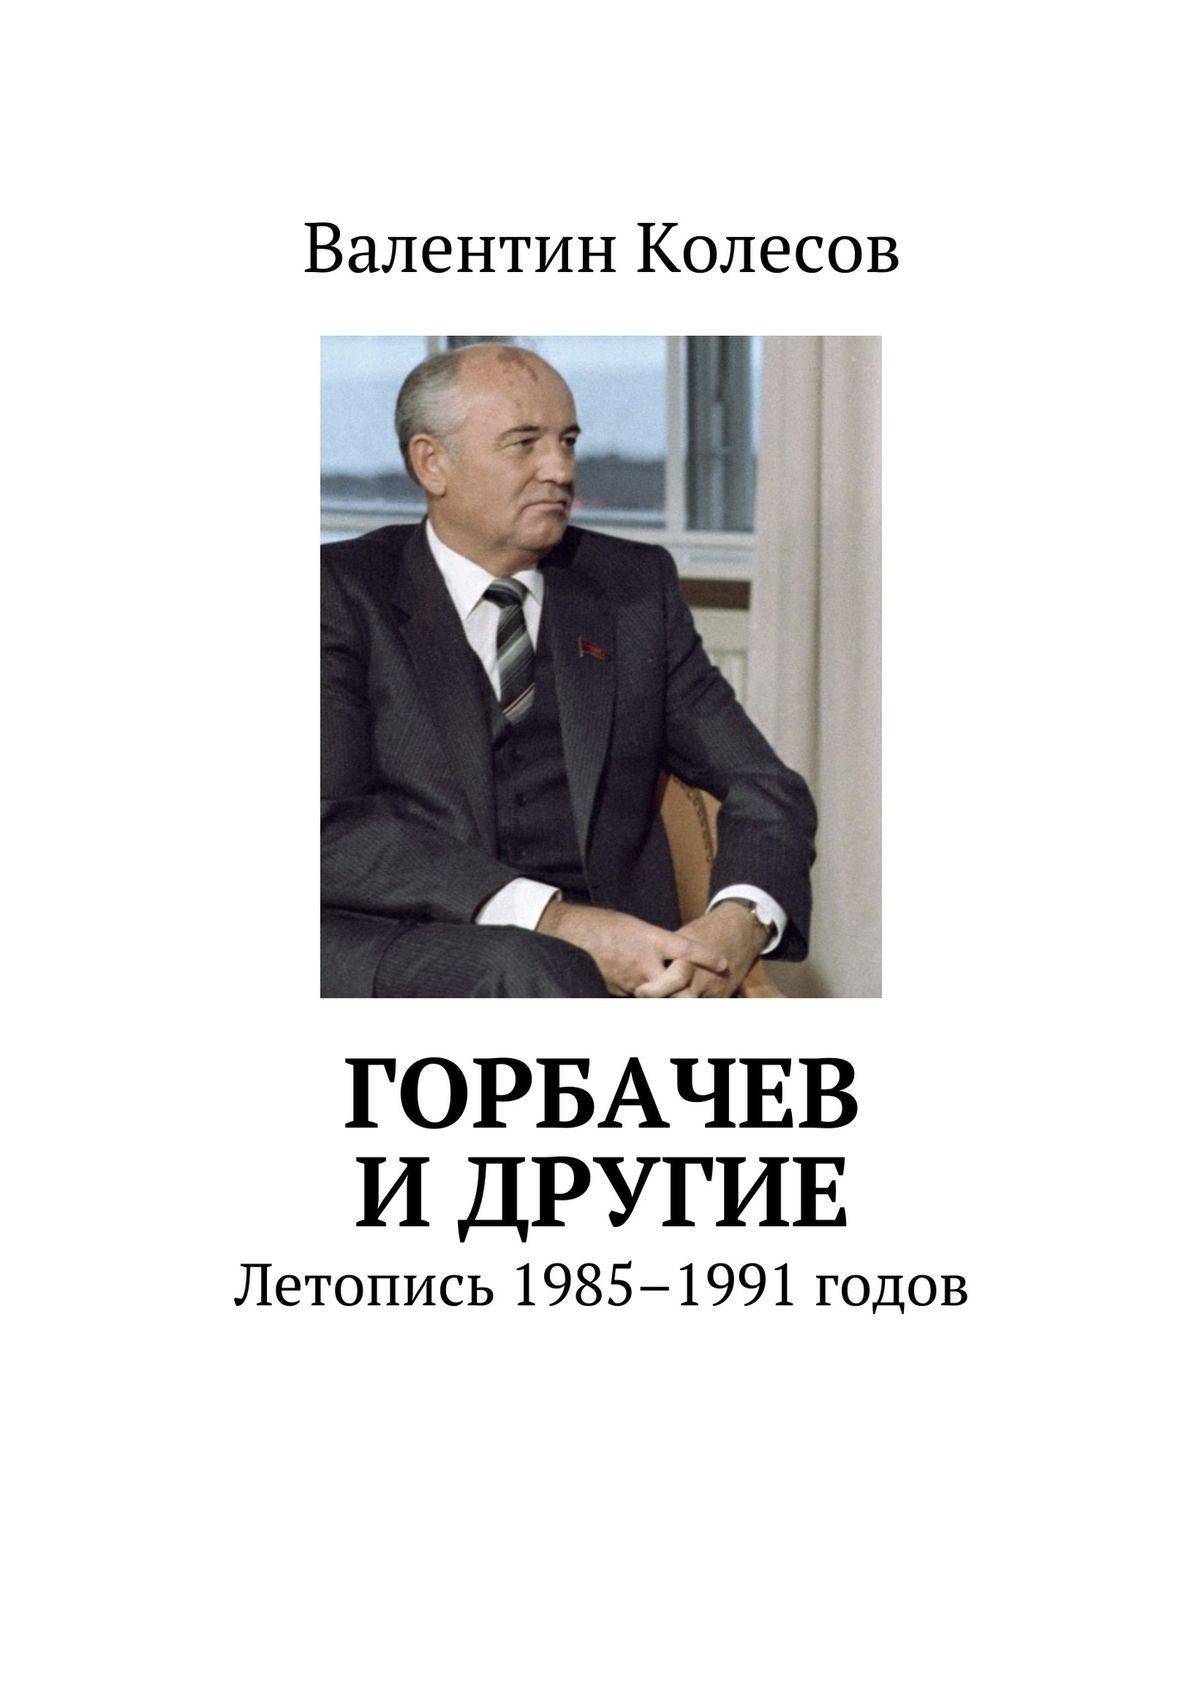 Валентин Колесов Горбачев идругие. Летопись 1985–1991 годов история моей глупости